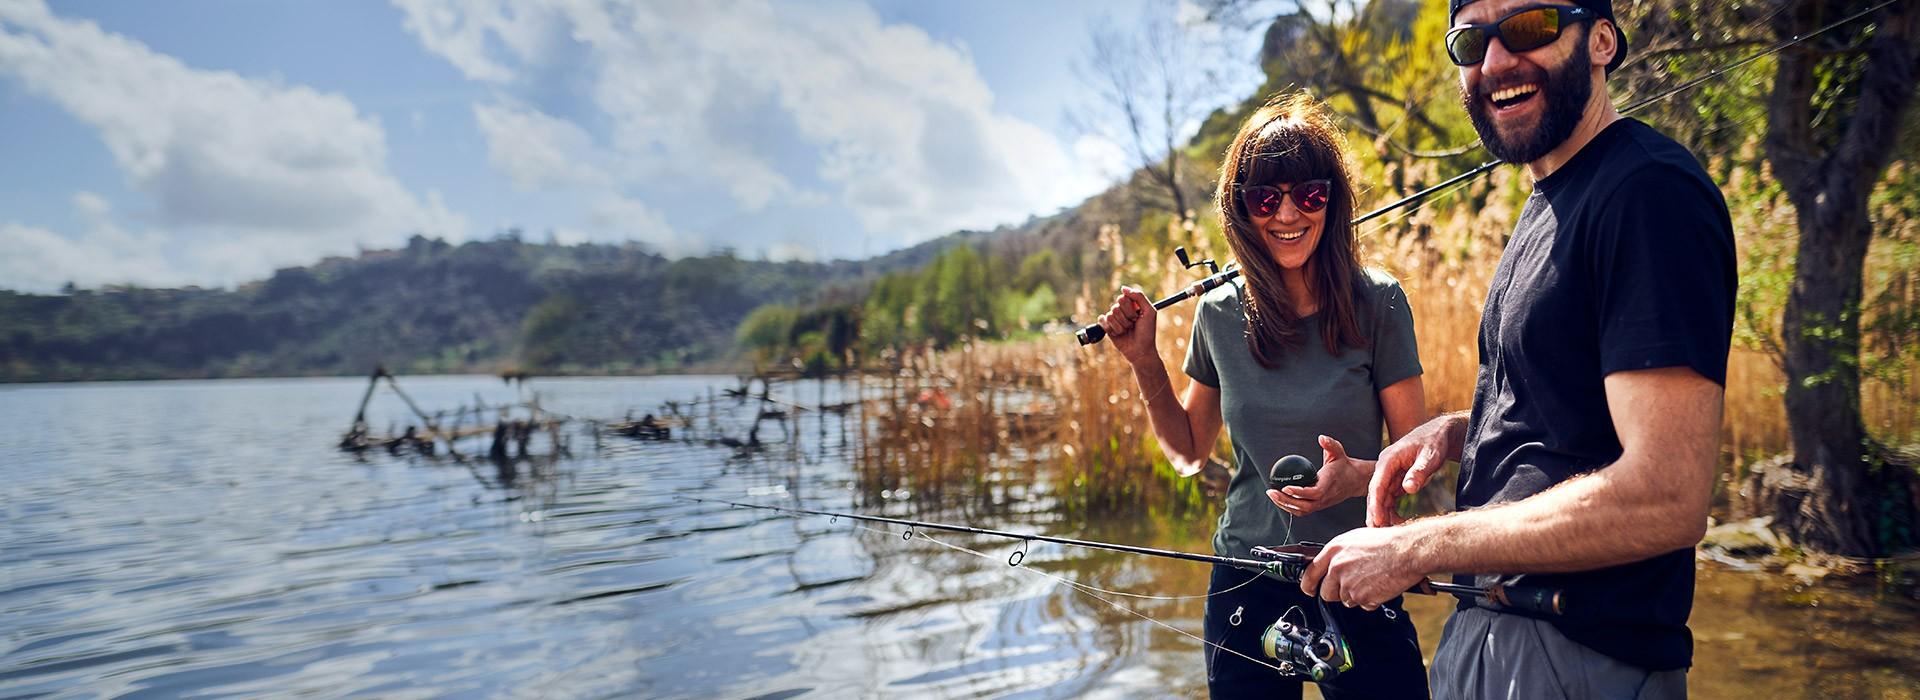 Sbalte své rybářské pruty aužijte si přírodu České republiky!Sonaru Deeper za cenu již od Kč 4989,00